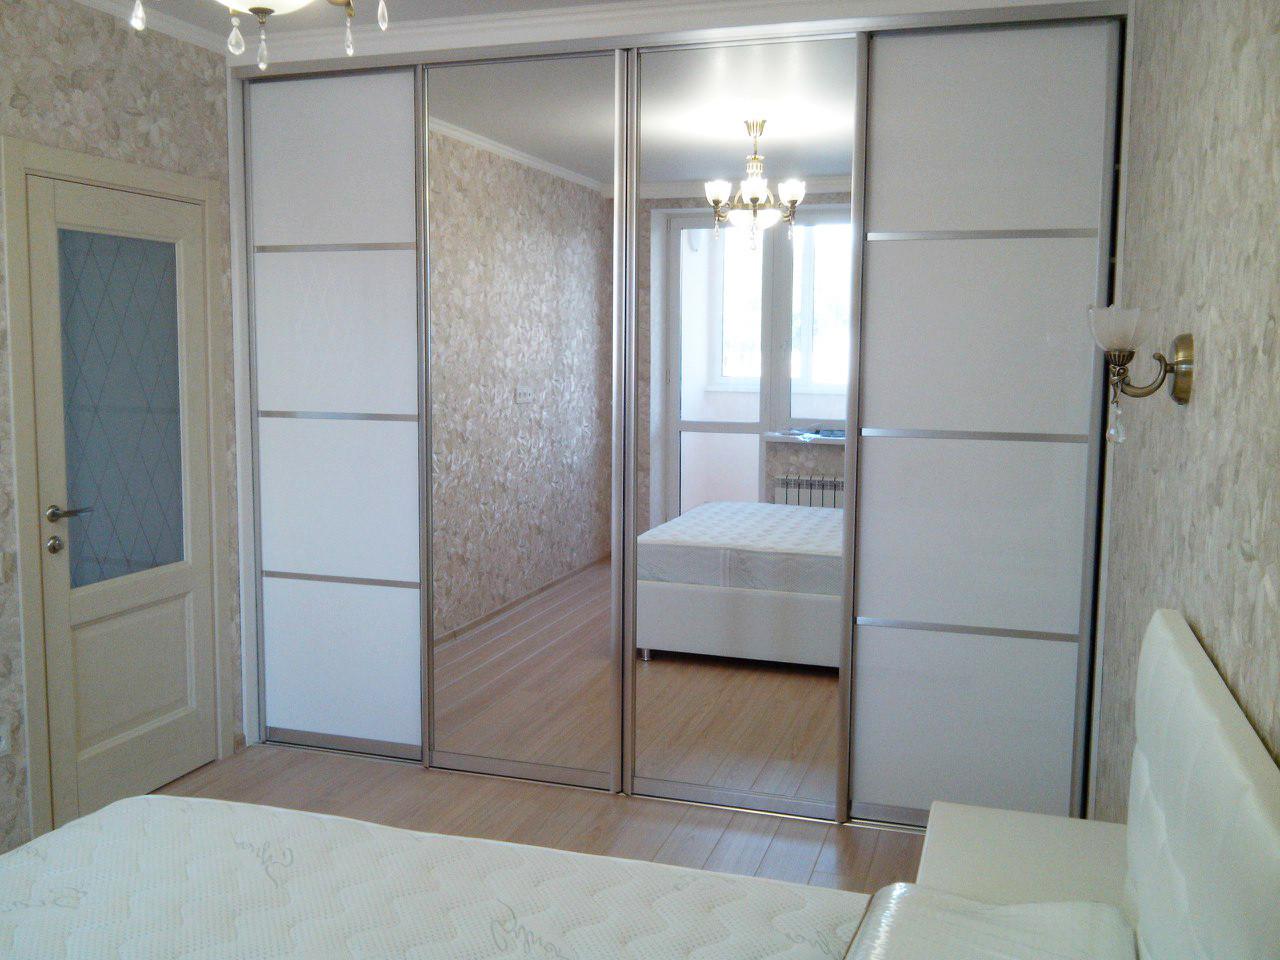 Шкаф-купе четырехдверный с белым стеклом и зеркалом